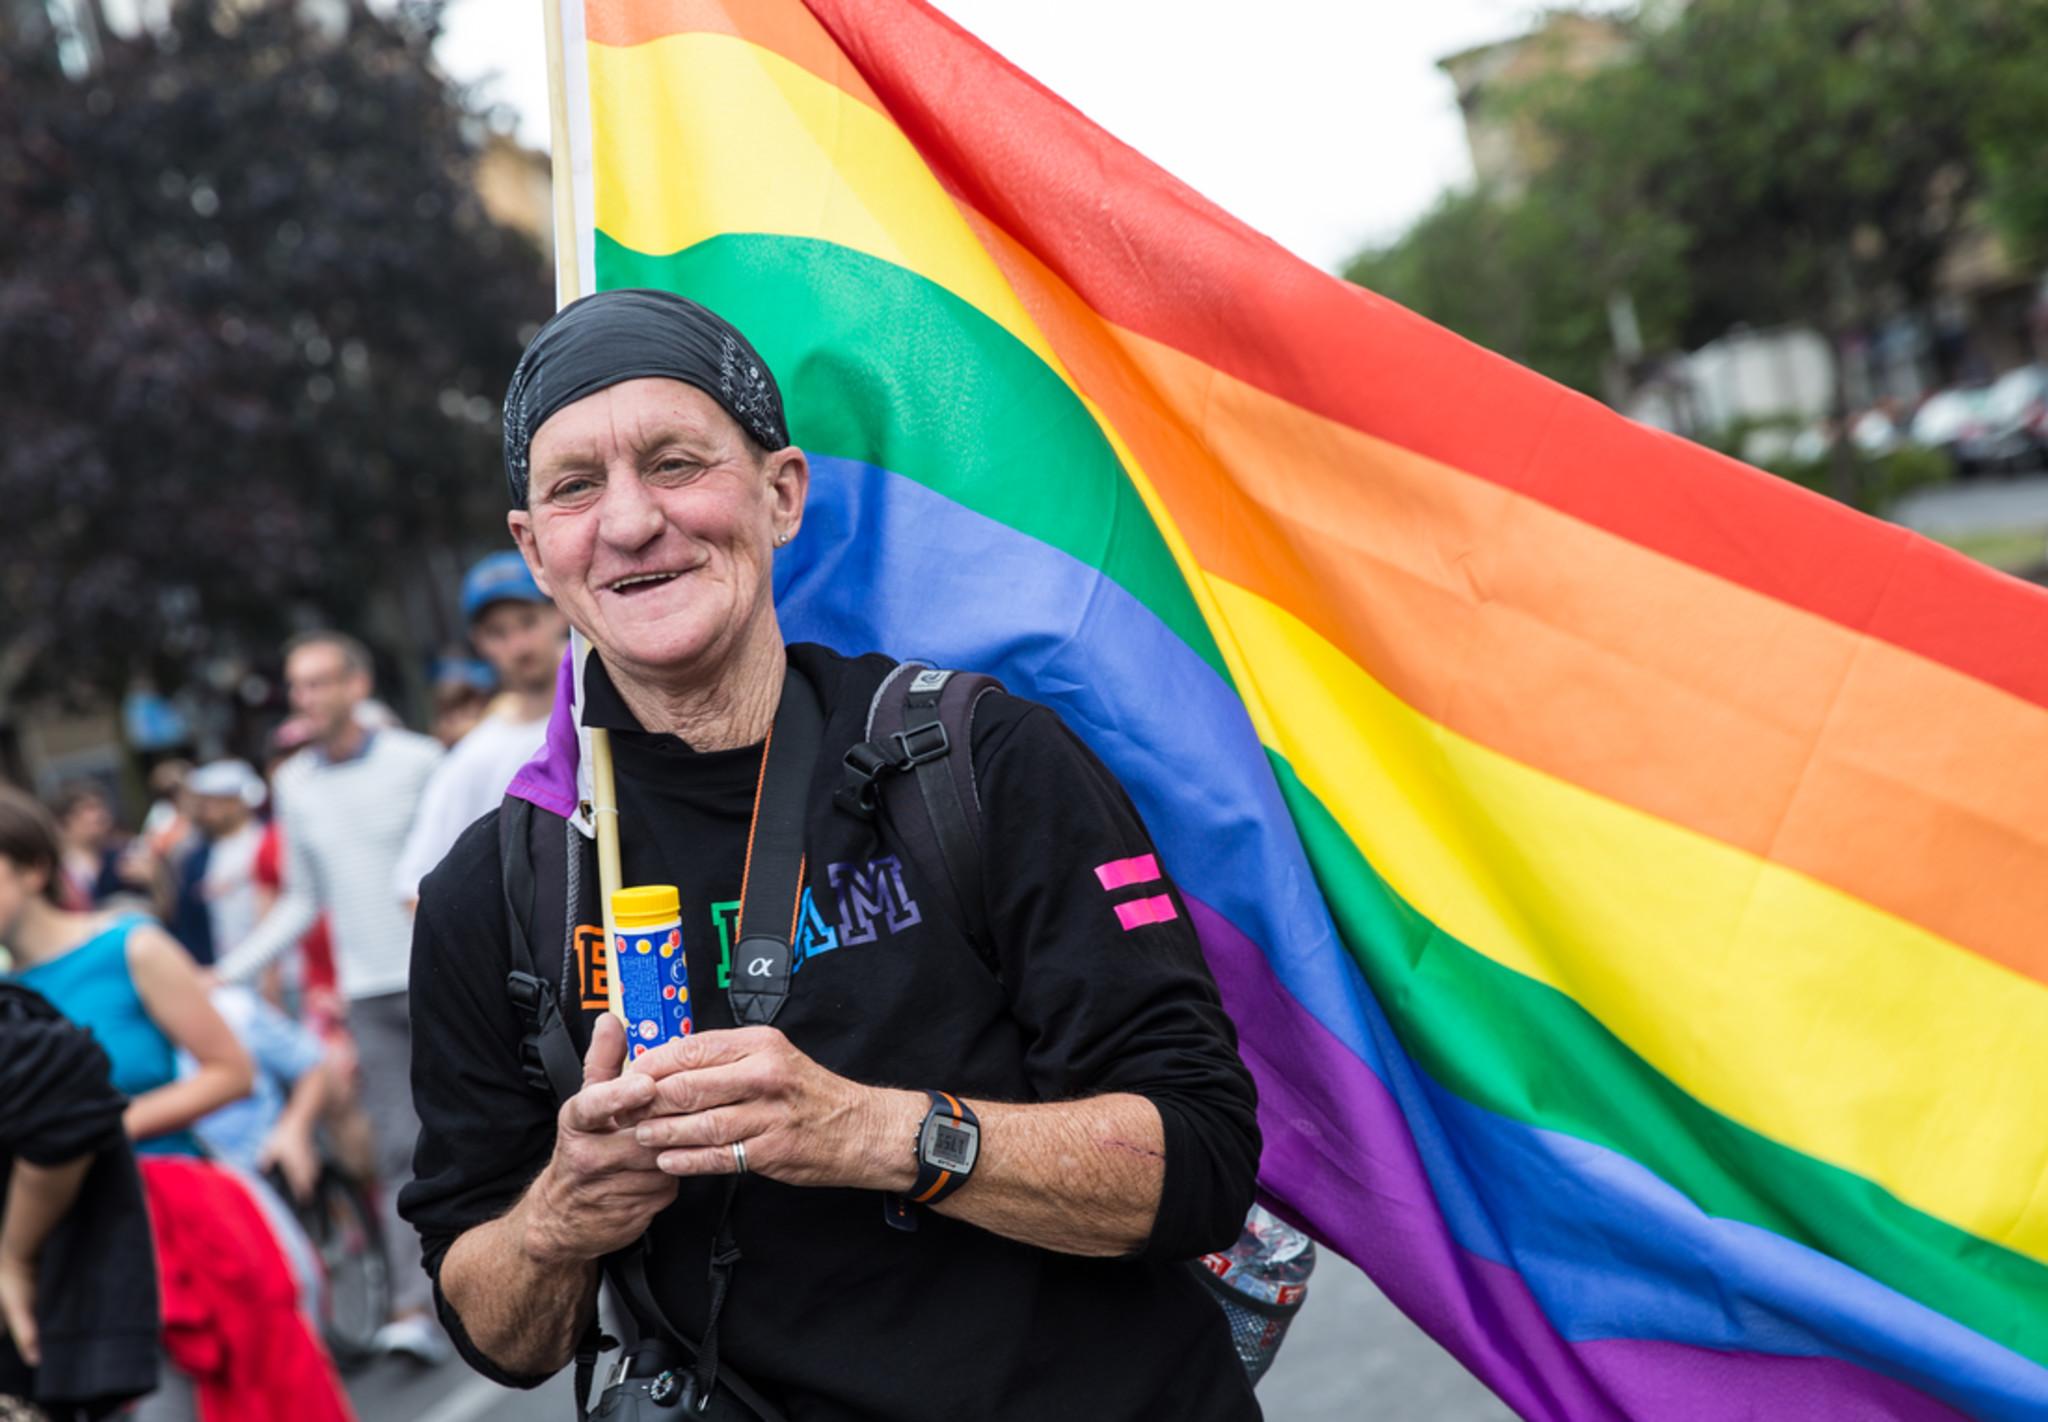 Ein älterer Mann hält auf einer Demonstration eine Regenbogenfahne in der Hand und lächelt in die Kamera.